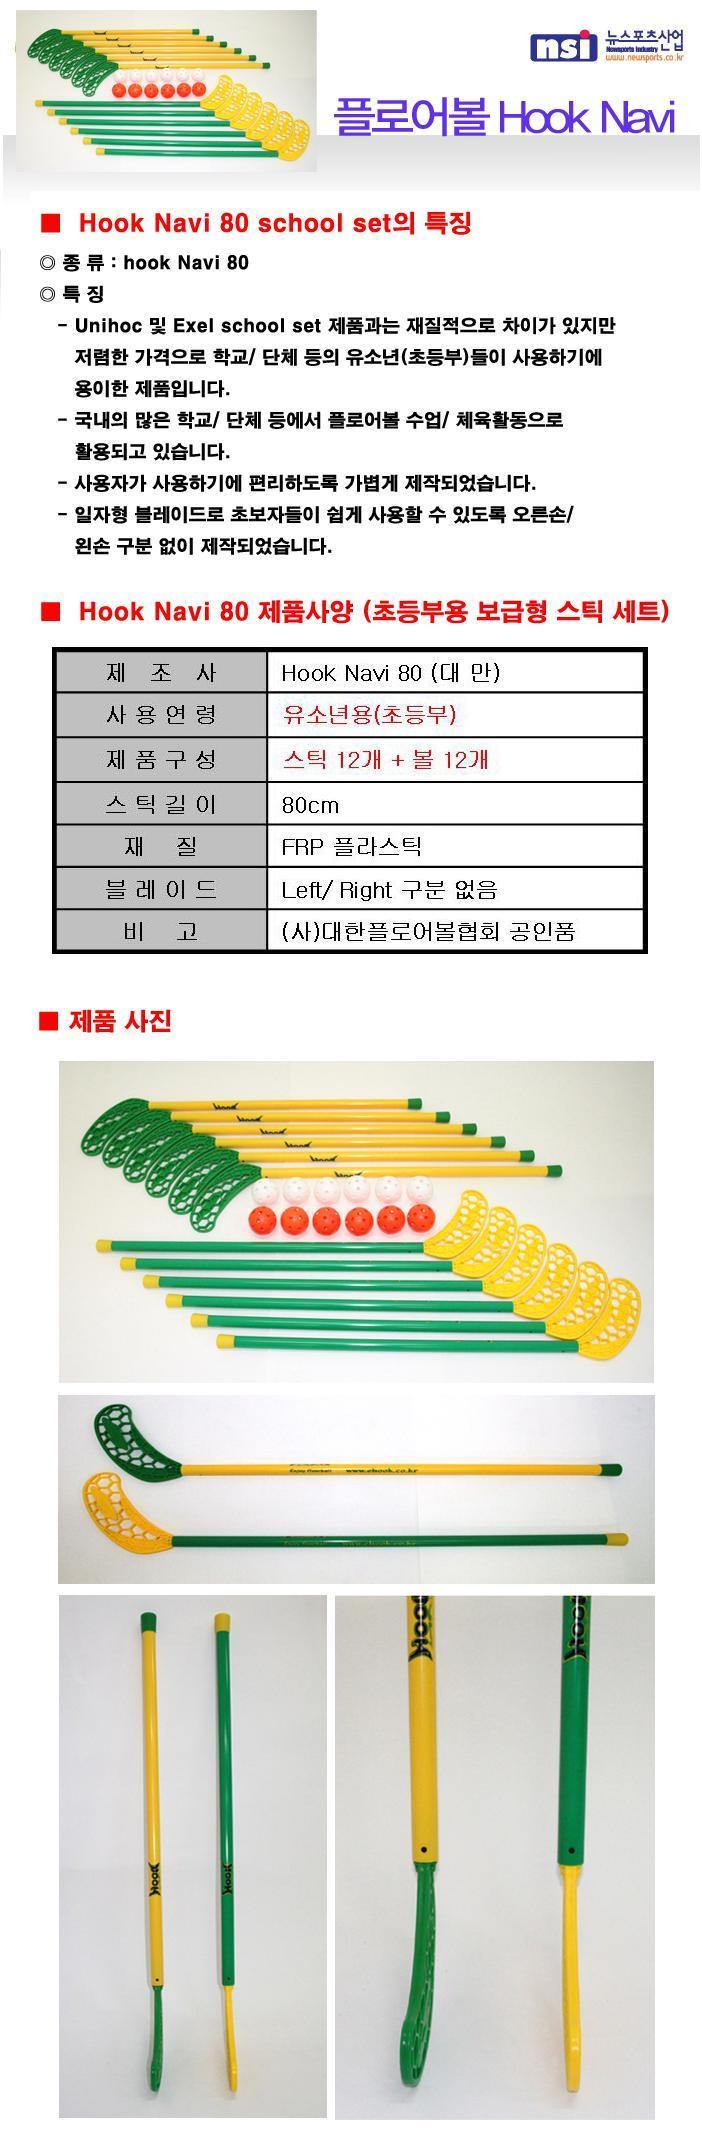 뉴스포츠 플로어볼 Hook80 (Navi)  유니폼 유아체육교구/학교체육용품/스포츠용품 플로어볼 관련 제품 정보